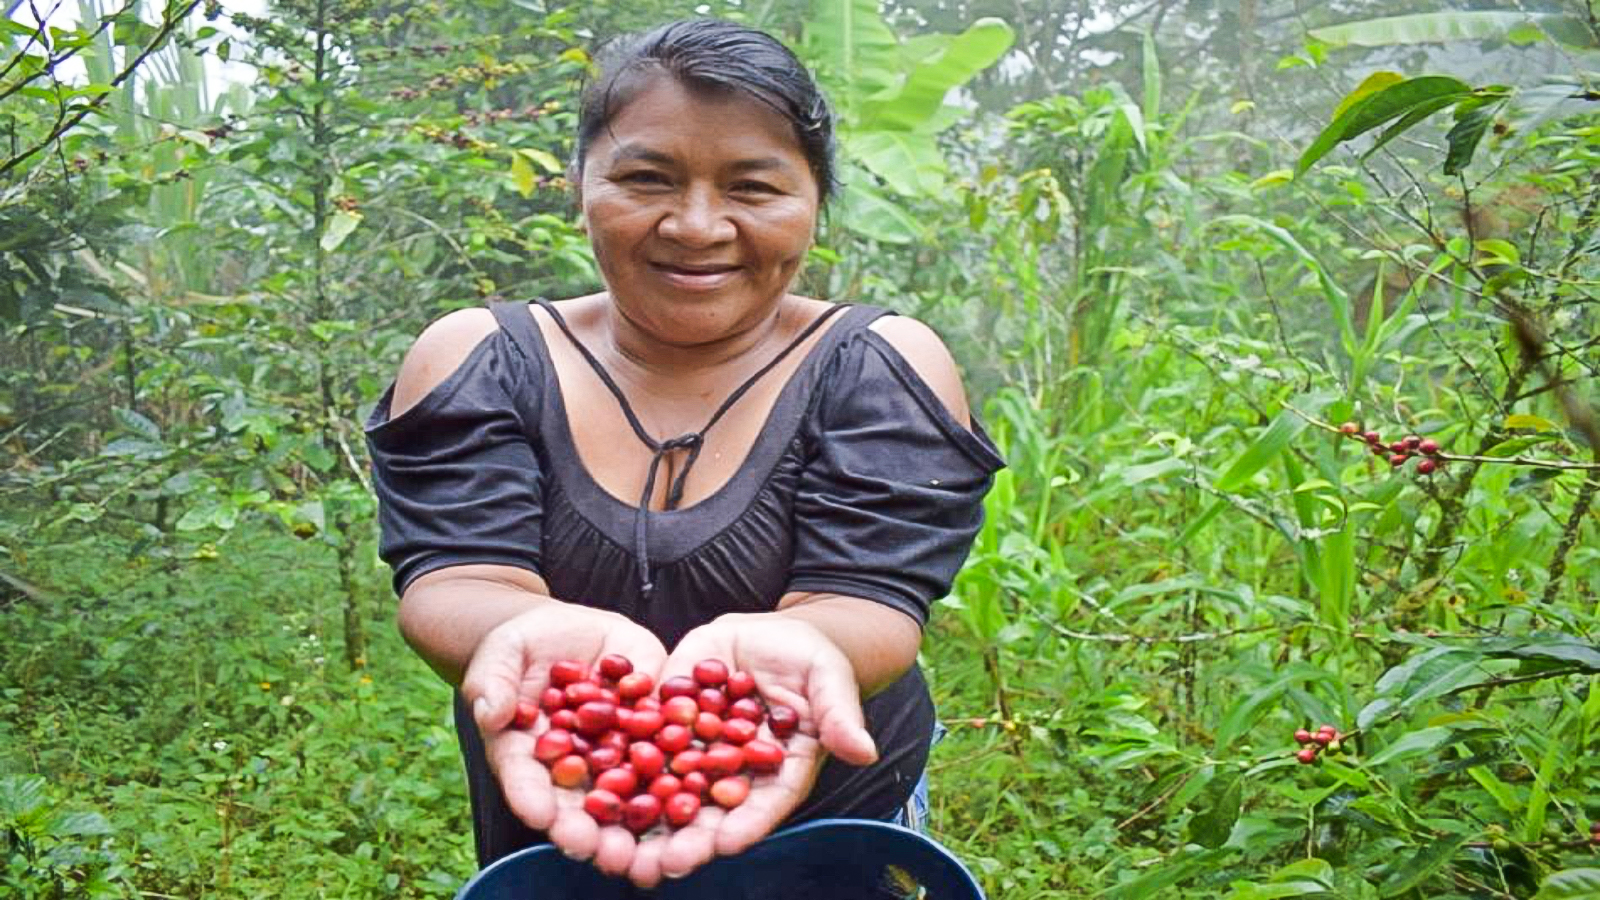 La FAO alerta por la sobrecarga laboral de las mujeres rurales por la covid-19